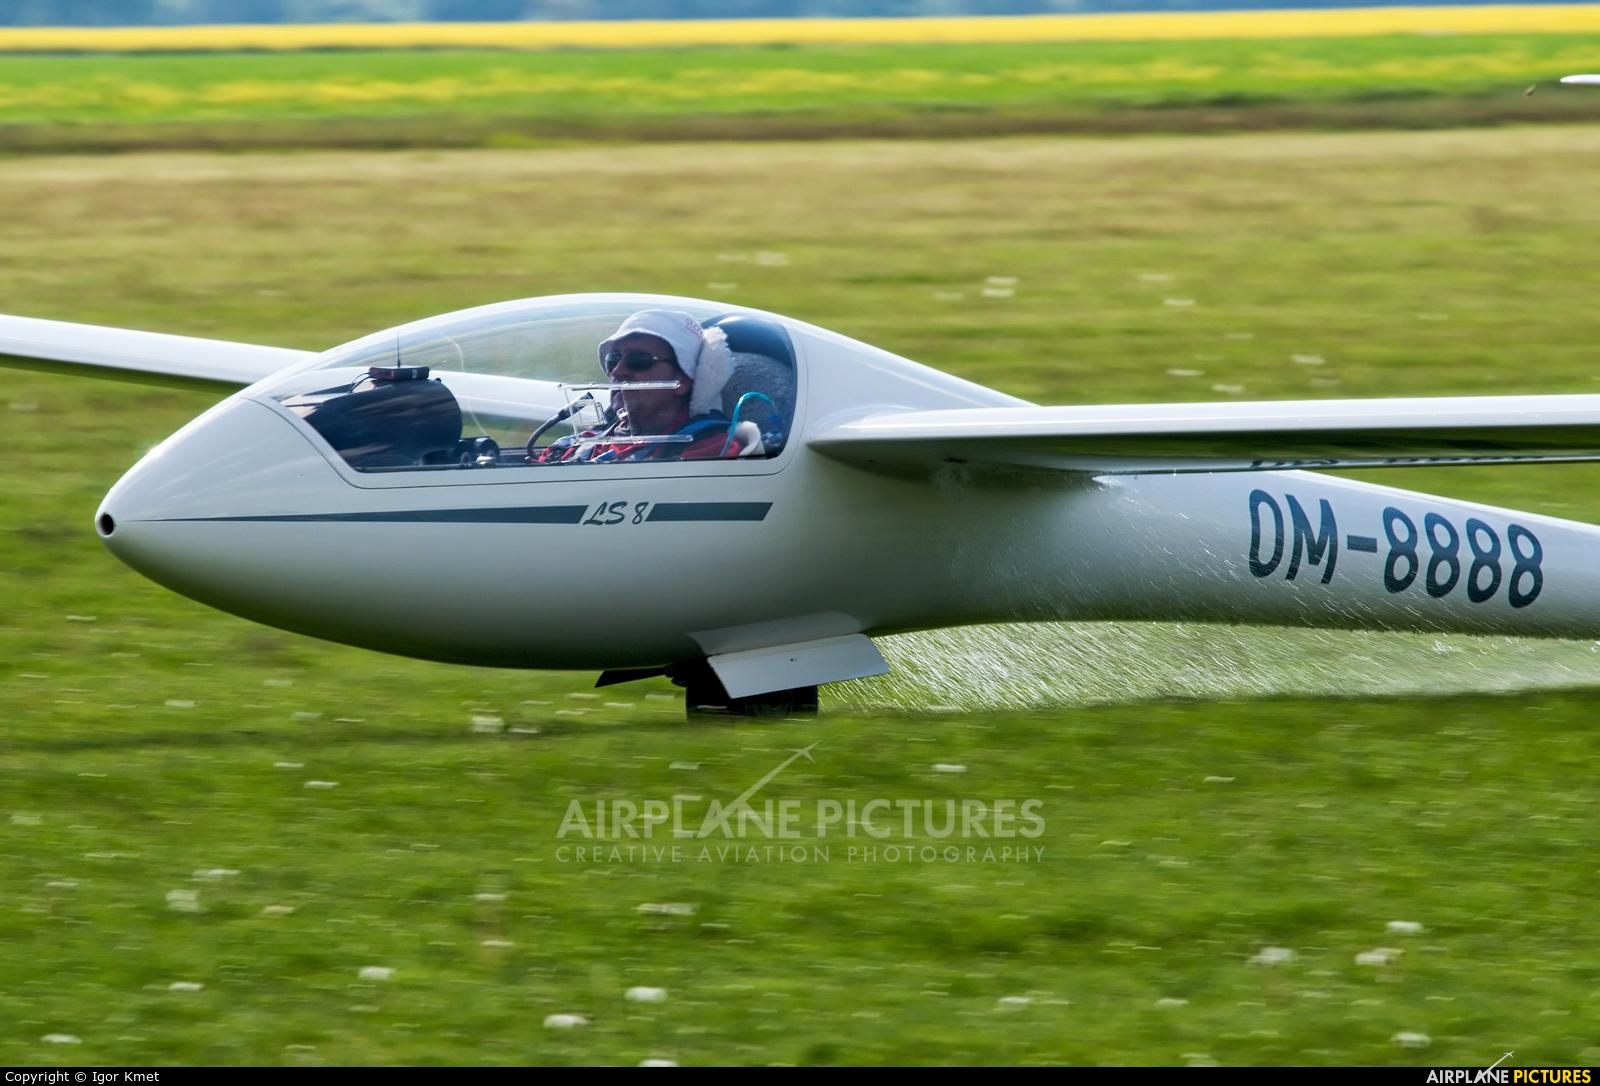 Private OM-8888 aircraft at Nitra